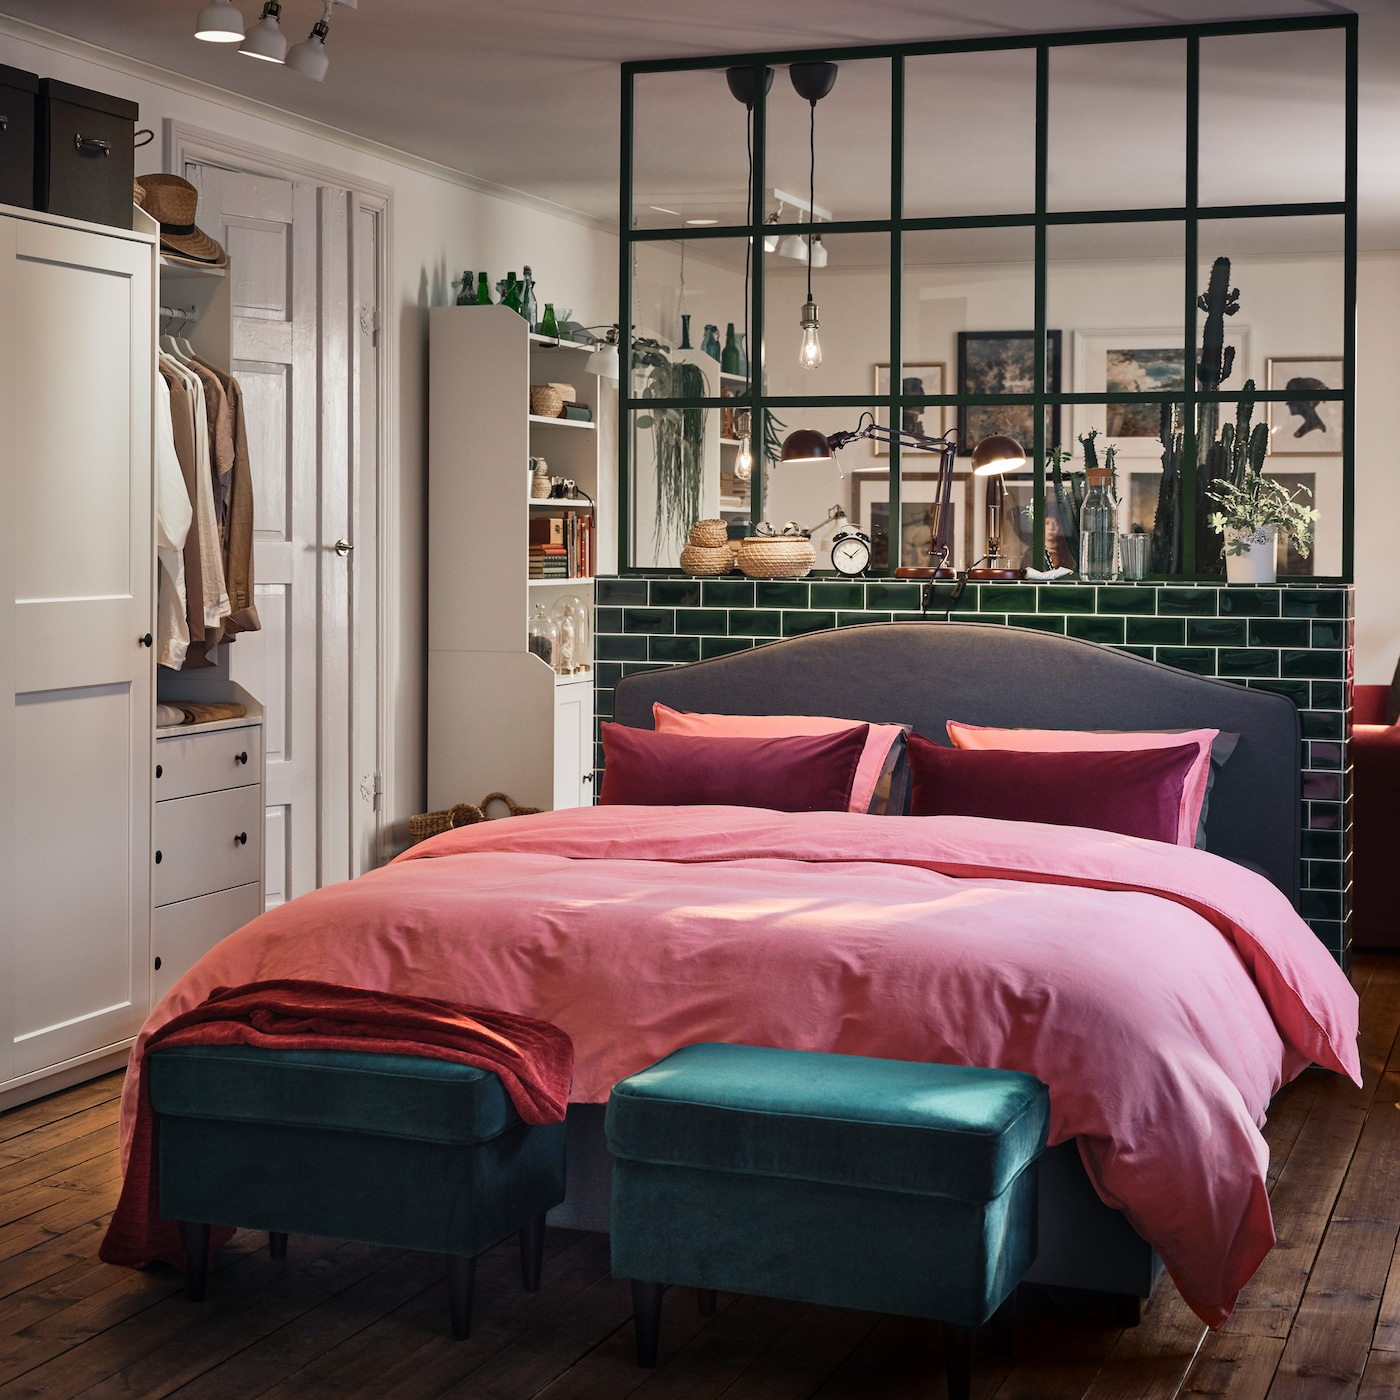 Sypialnia z białymi szafami, szarym tapicerowanym łóżkiem, jasną, brązowoczerwoną pościelą i dwoma zielonymi podnóżkami.